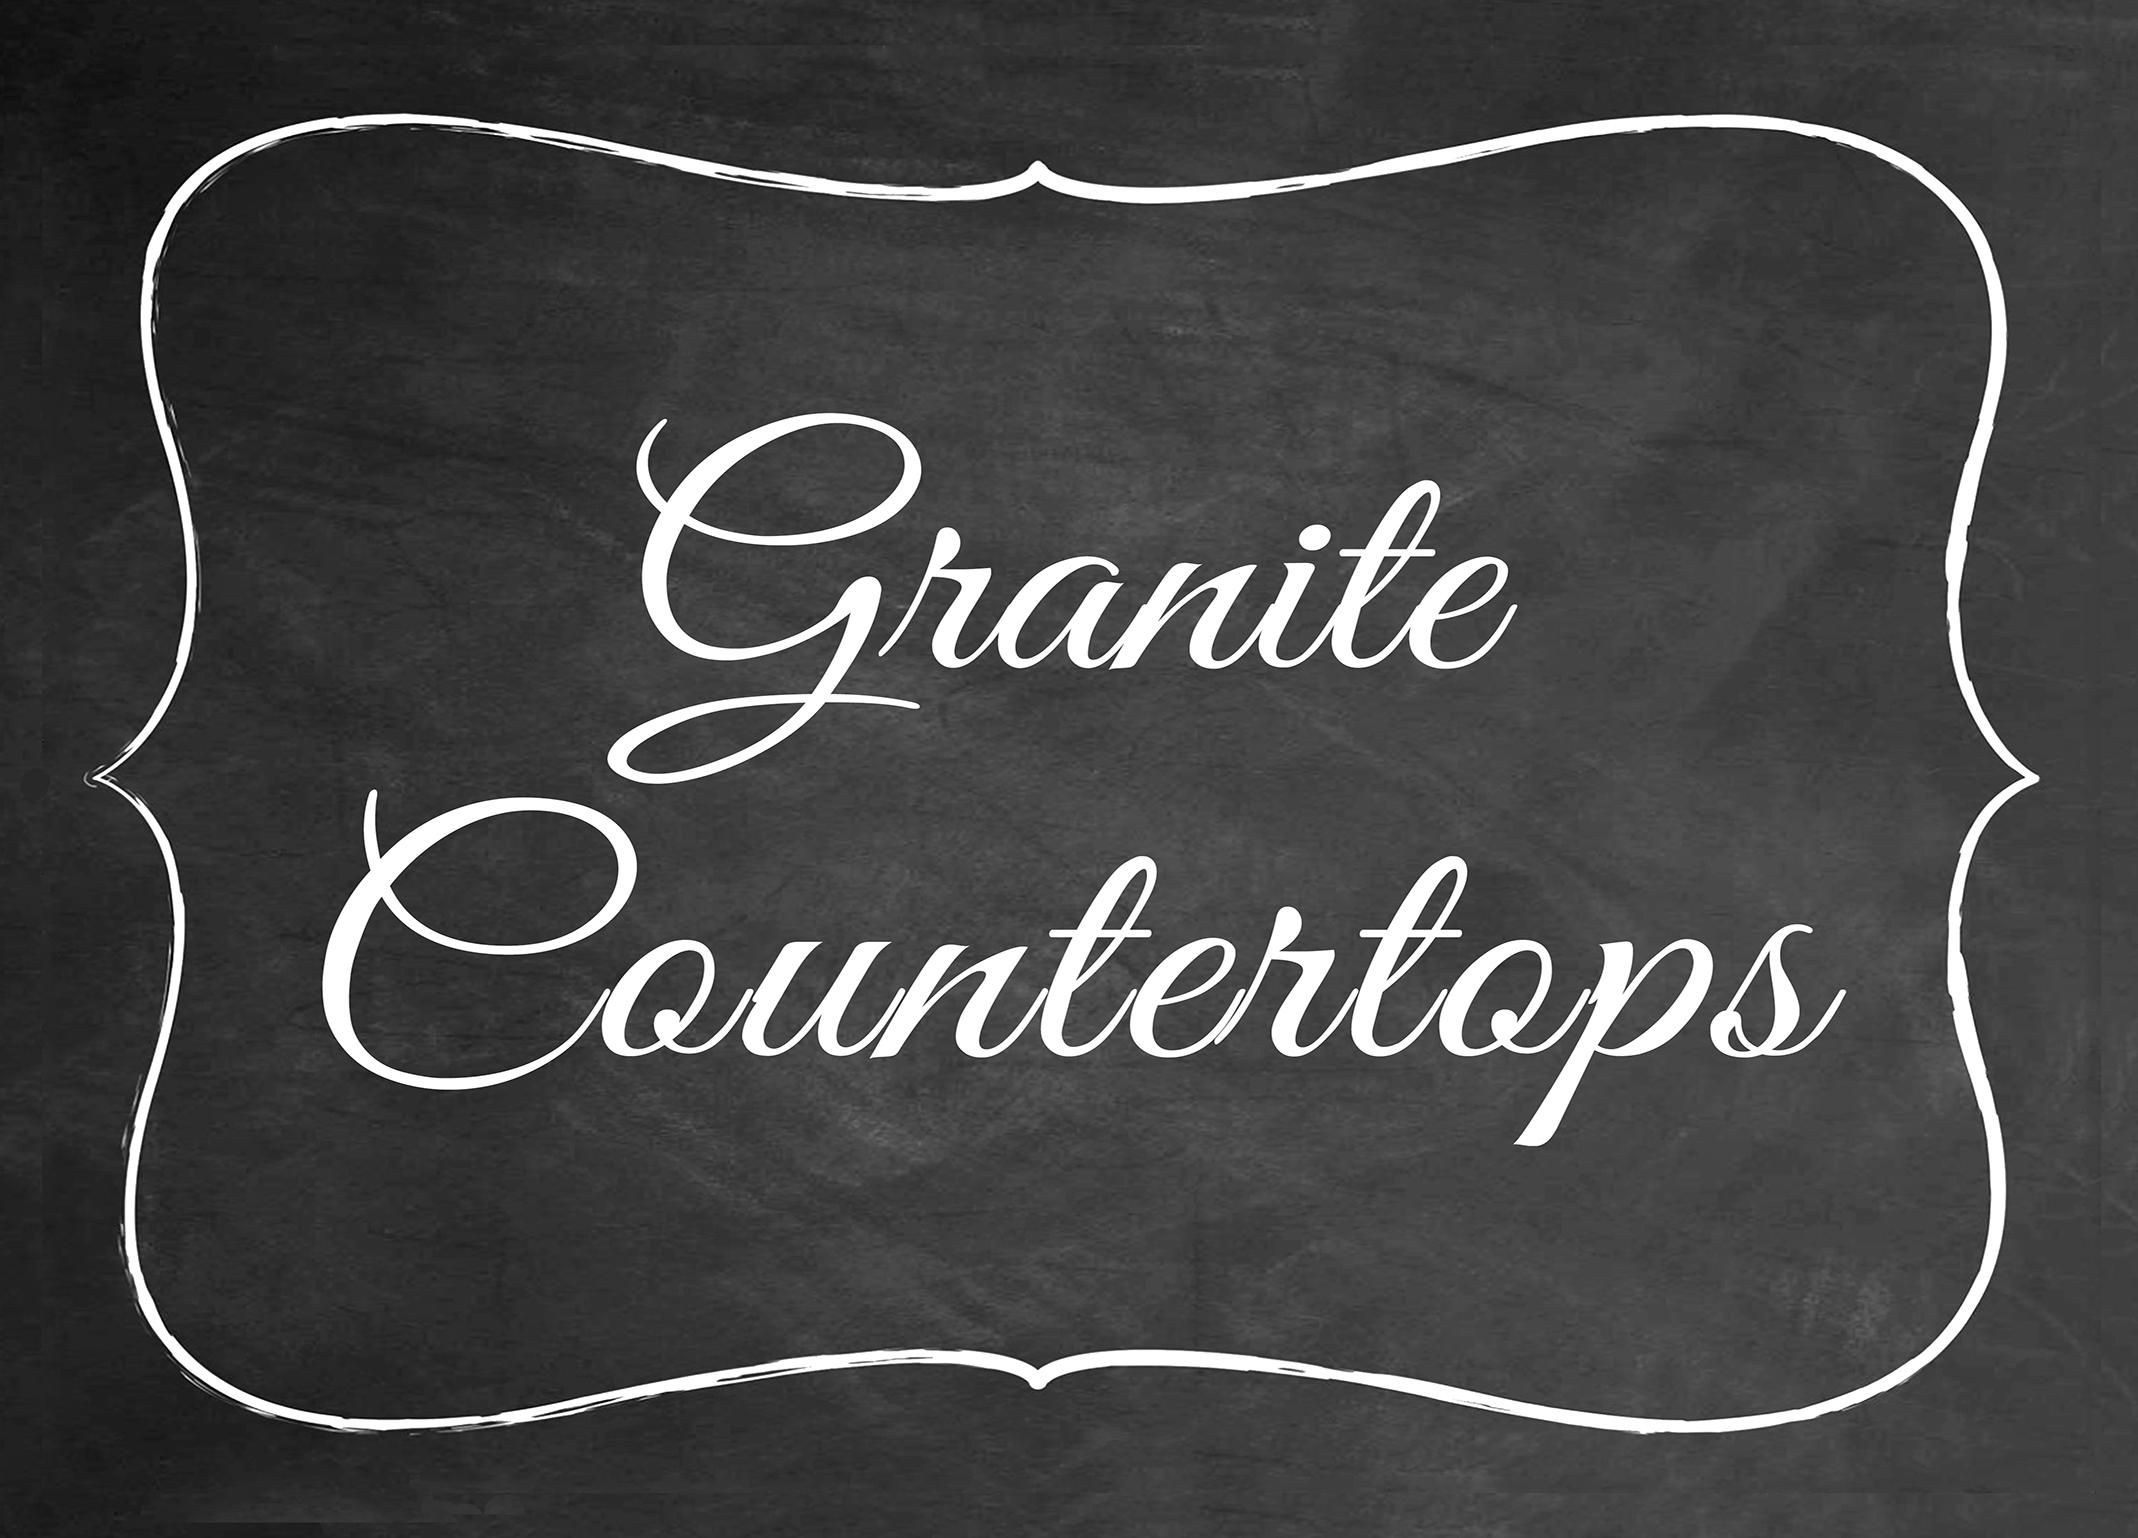 granite-countertops.jpg